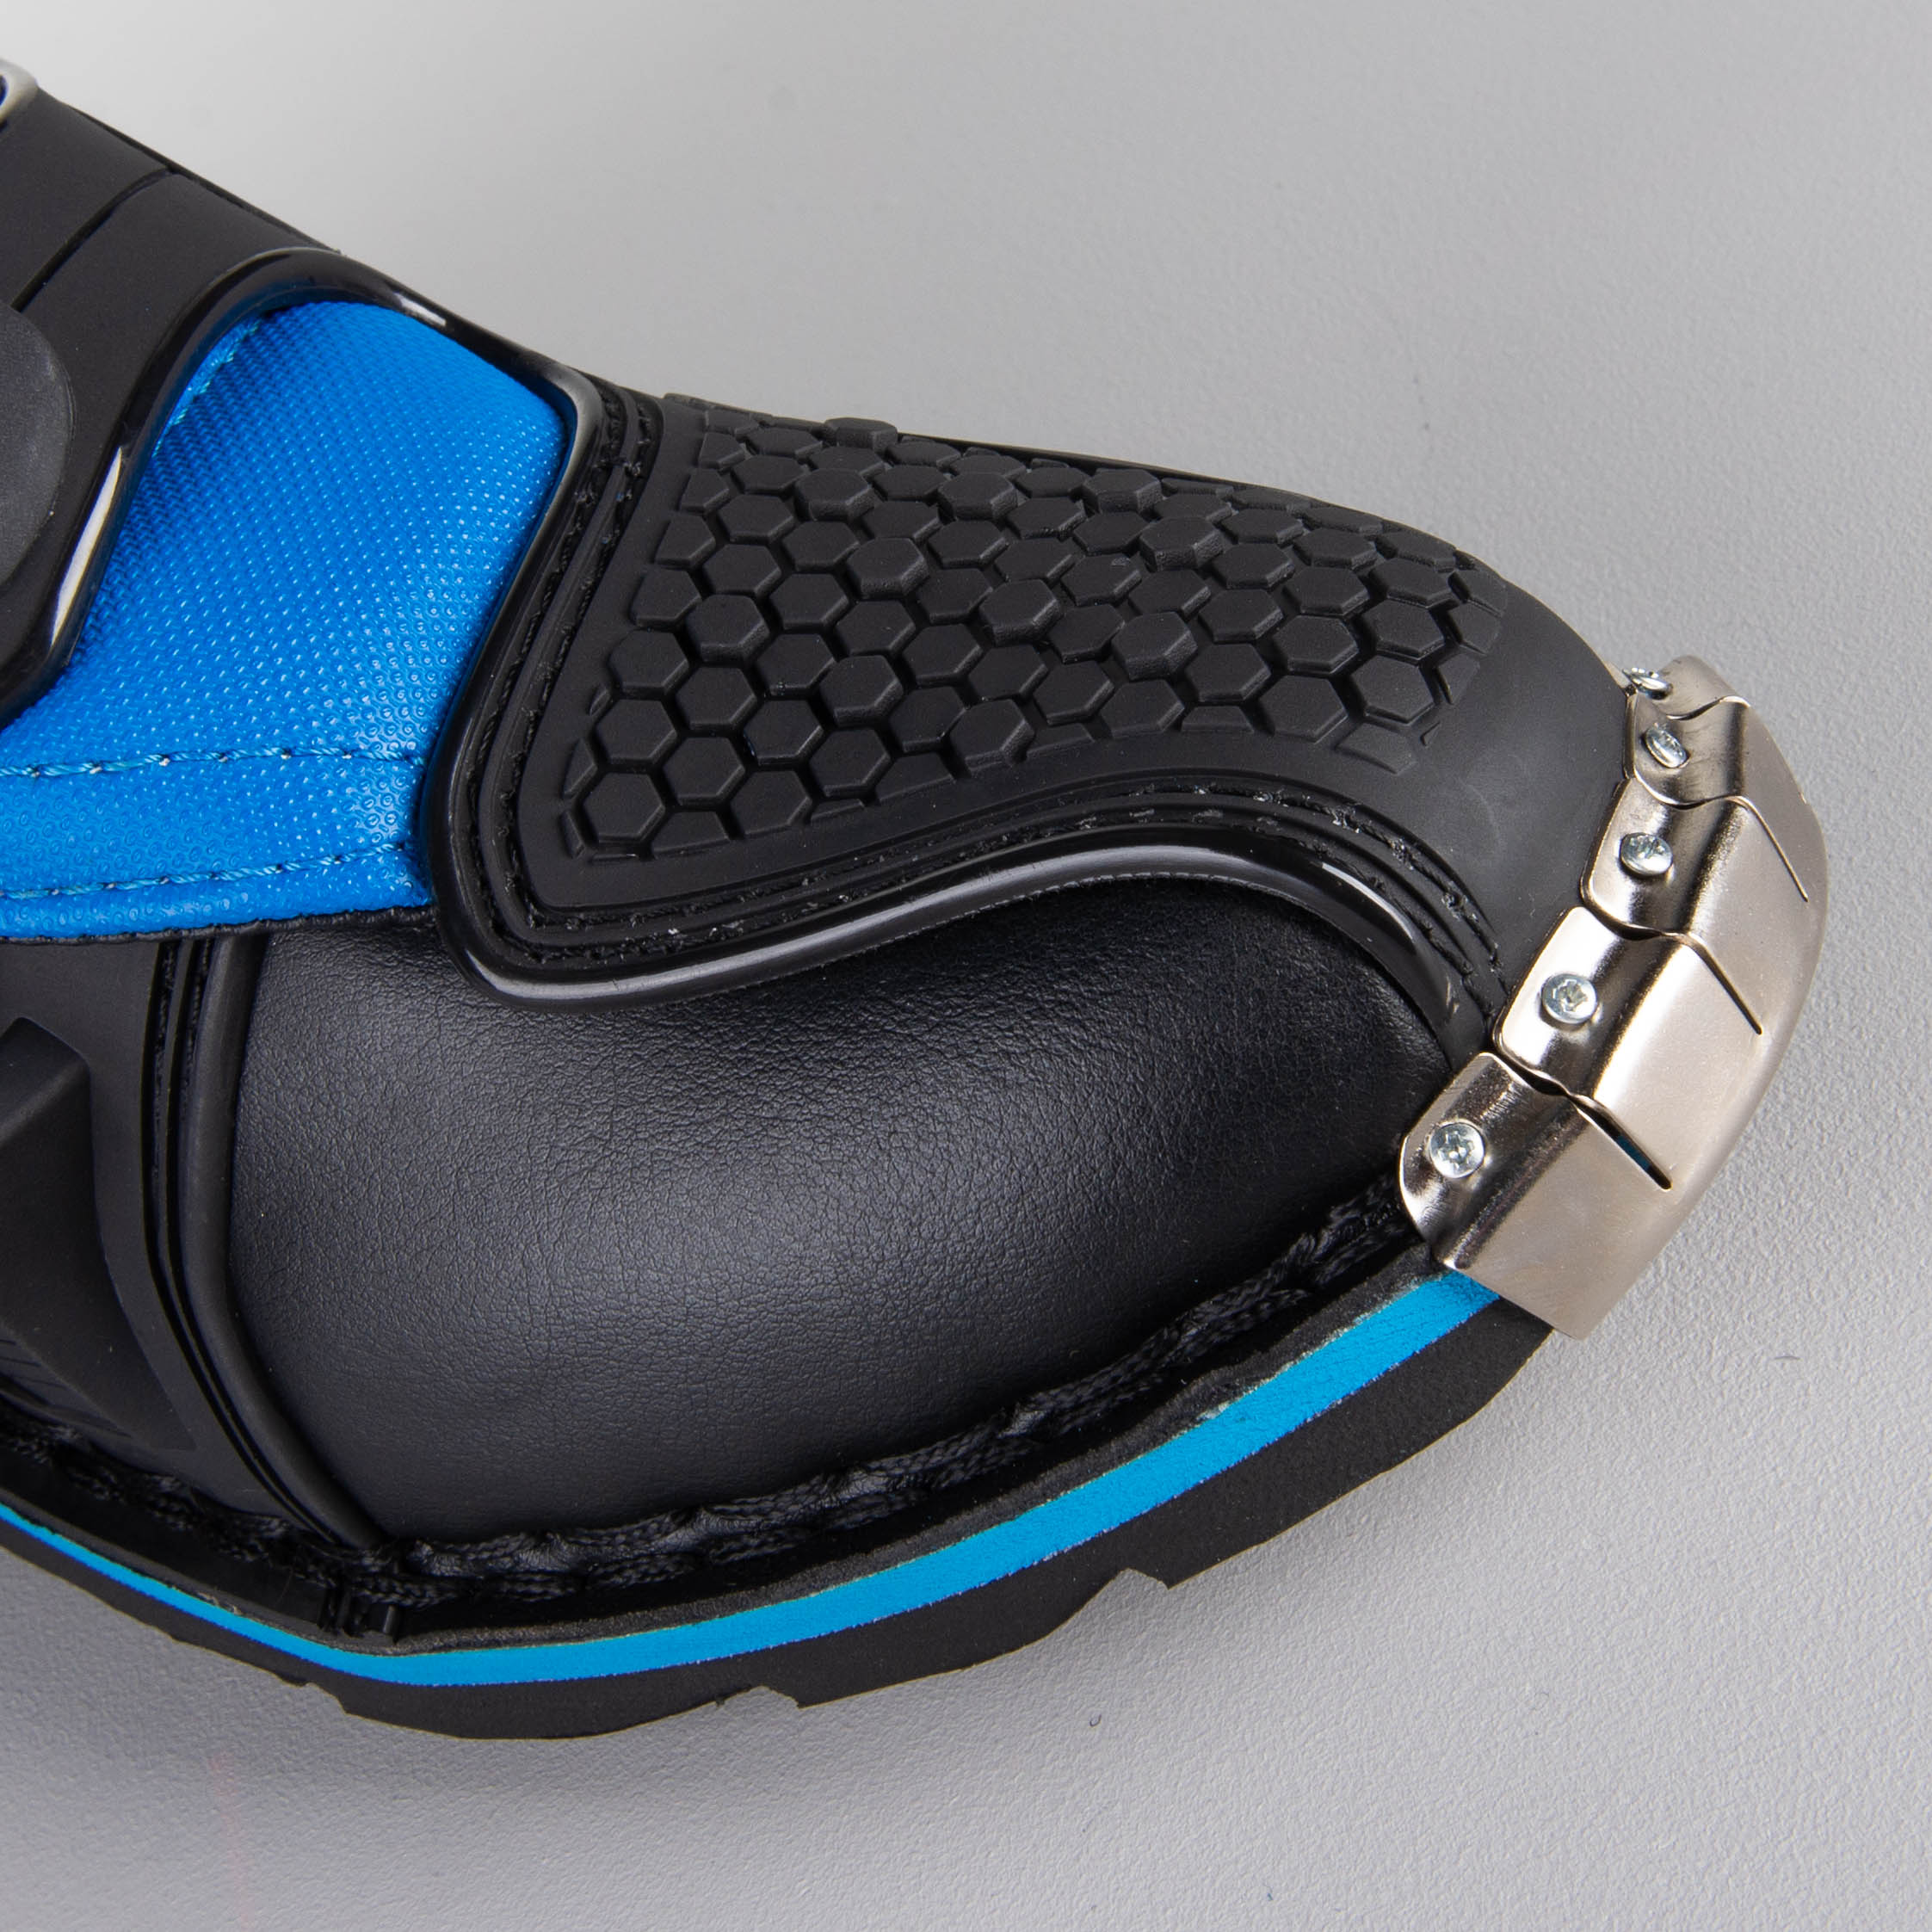 Stivali Cross Shot X10 2.0 Nero Blu Adesso 2% di risparmio